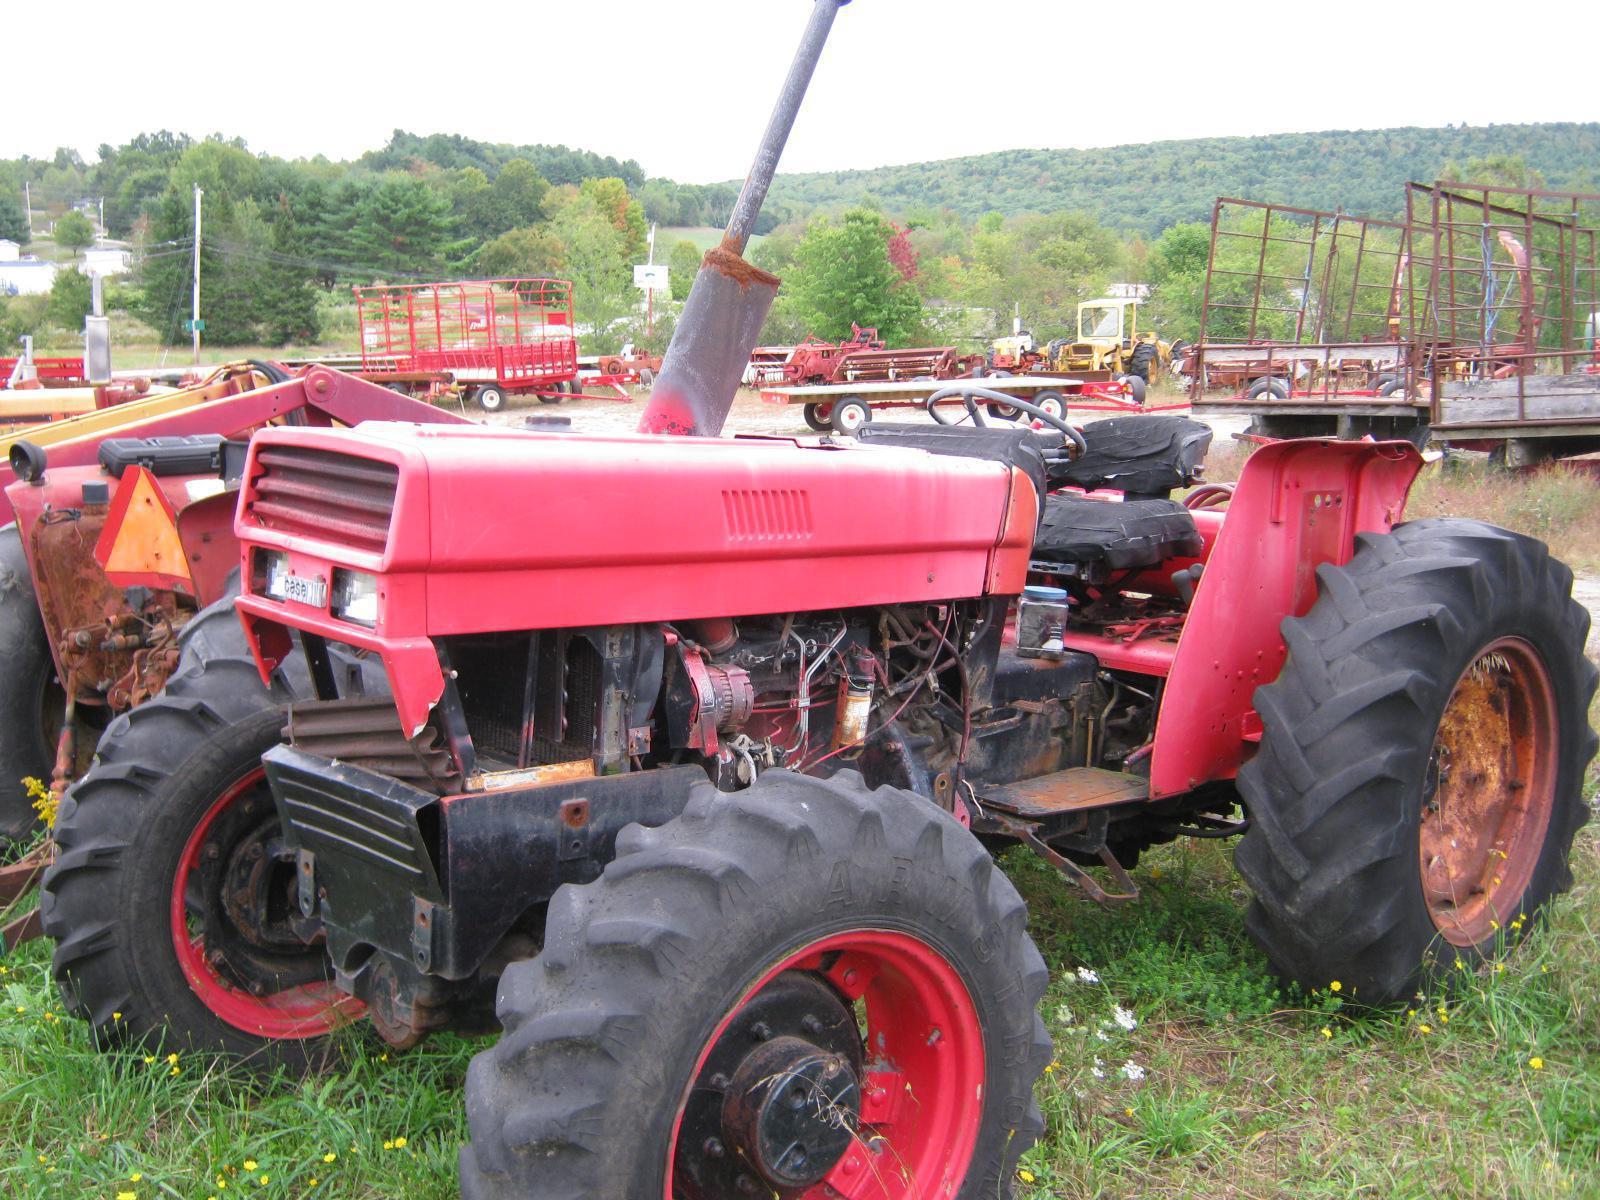 Case 585 Tractor Hydraulic Schematic Wiring Case International 5240 Tractor  Service Schedule Case Ih 595 Wiring Schematic